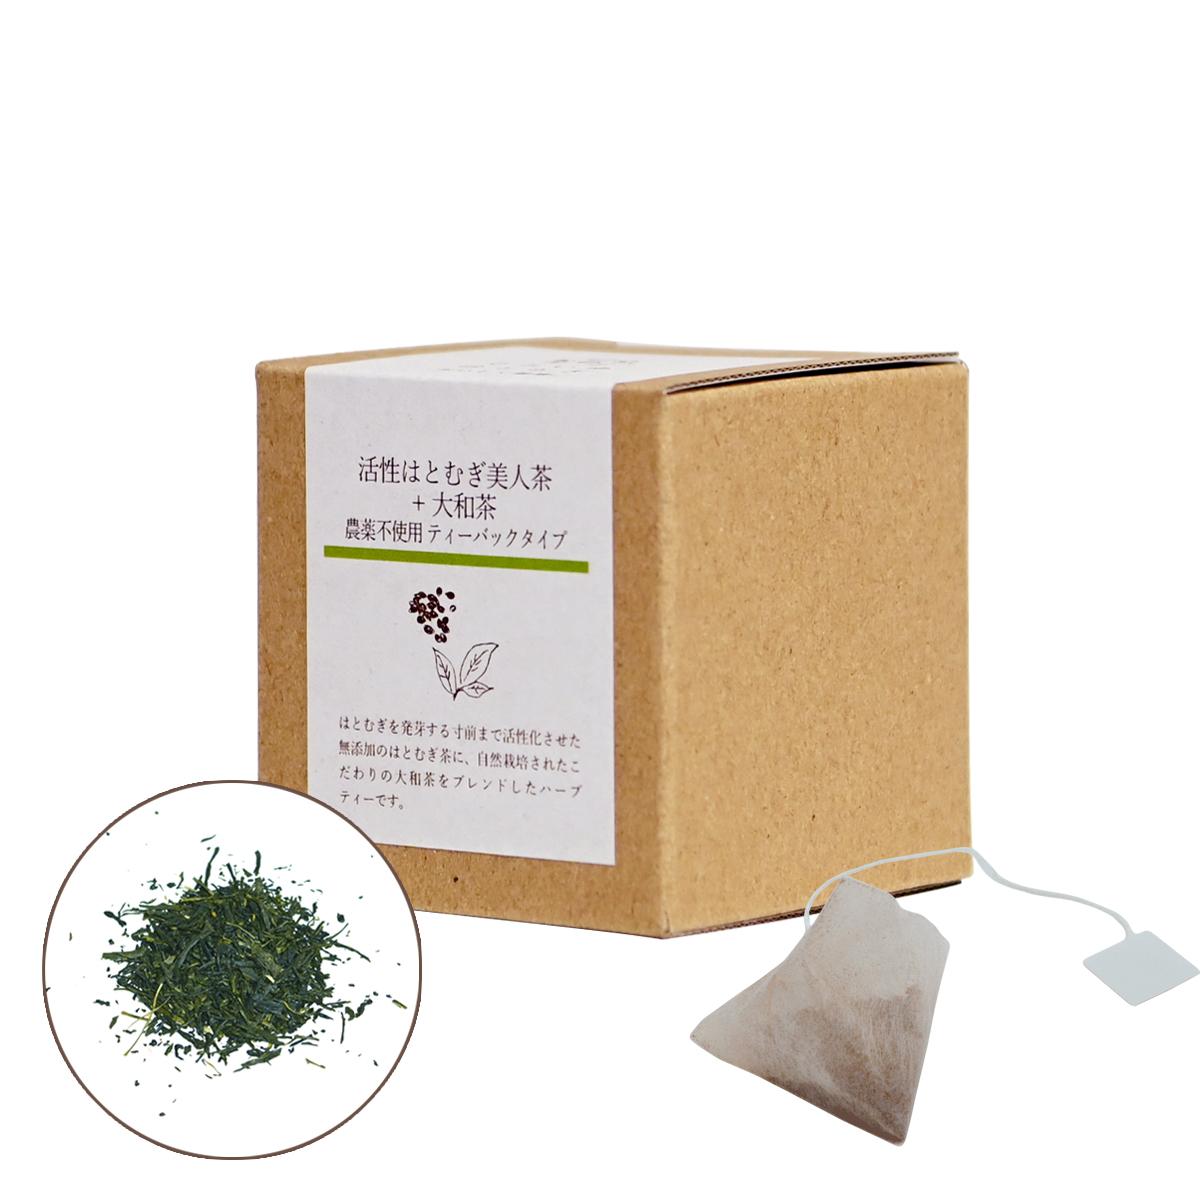 【5袋タイプ】活性はとむぎ美人茶+大和茶 農薬不使用ティーバックタイプ